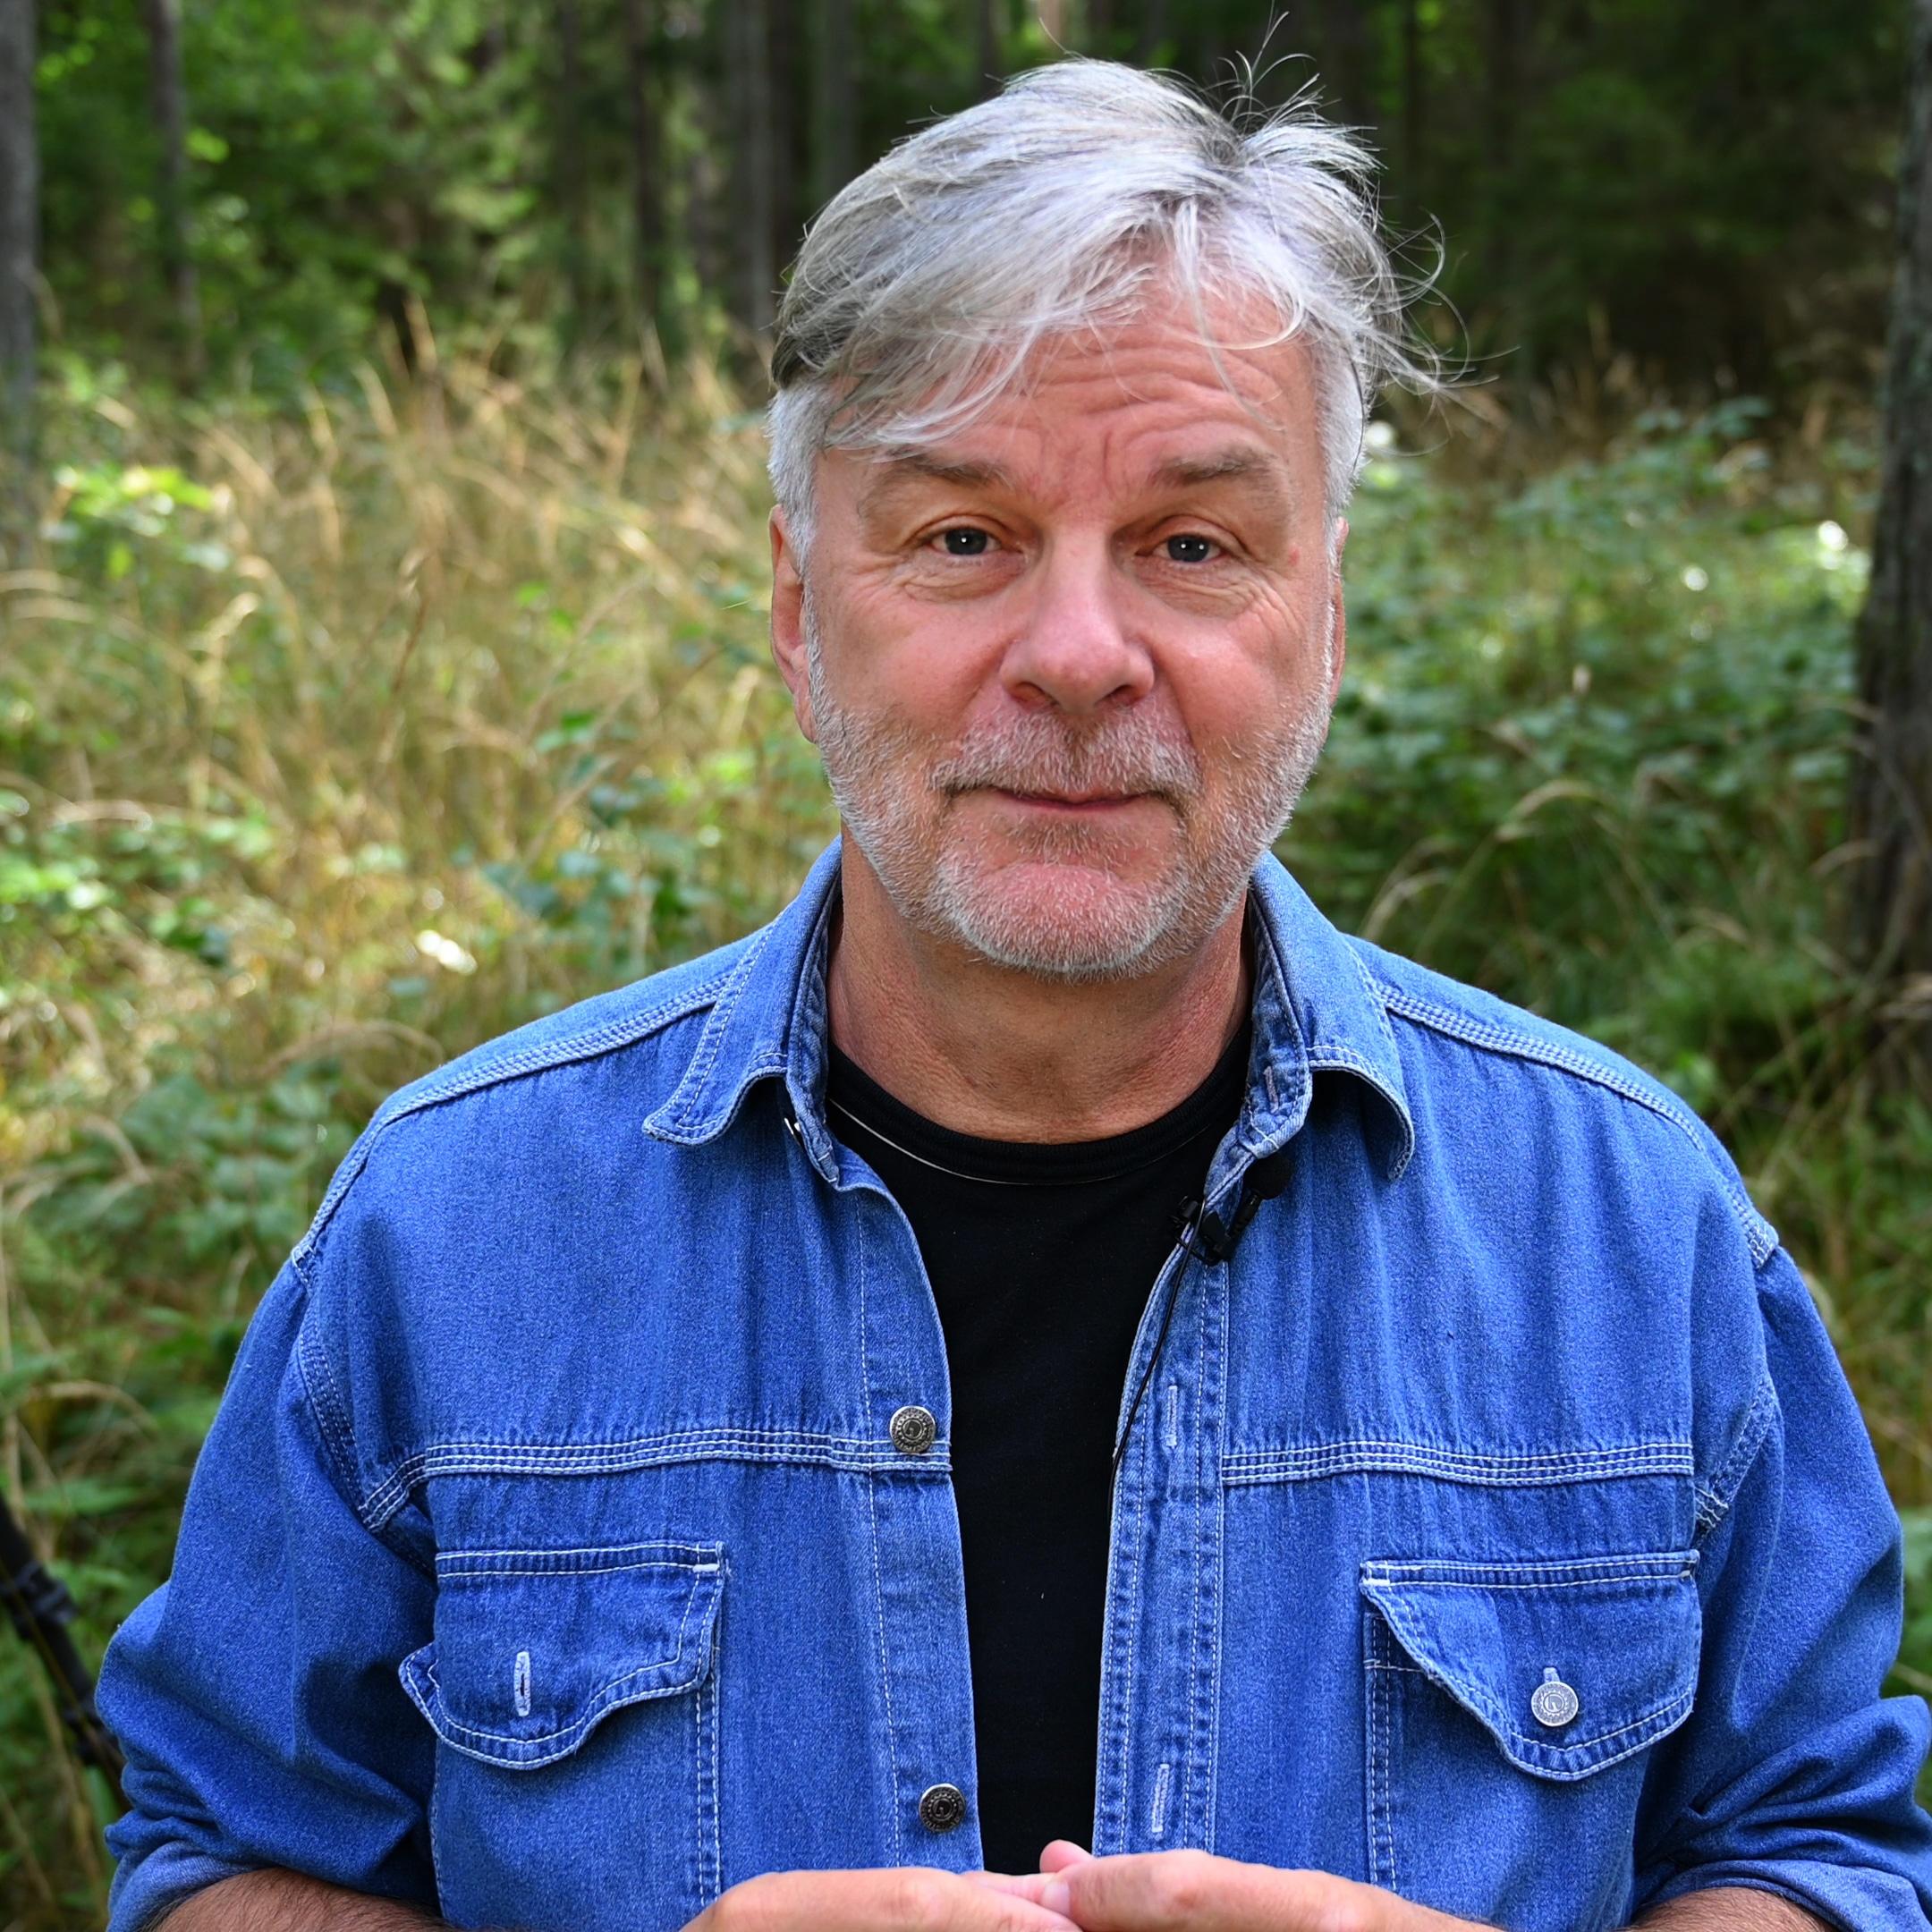 Obraz przedstawiający Marka Waśkiela, nauczyciela internetowej szkoły fotografii.